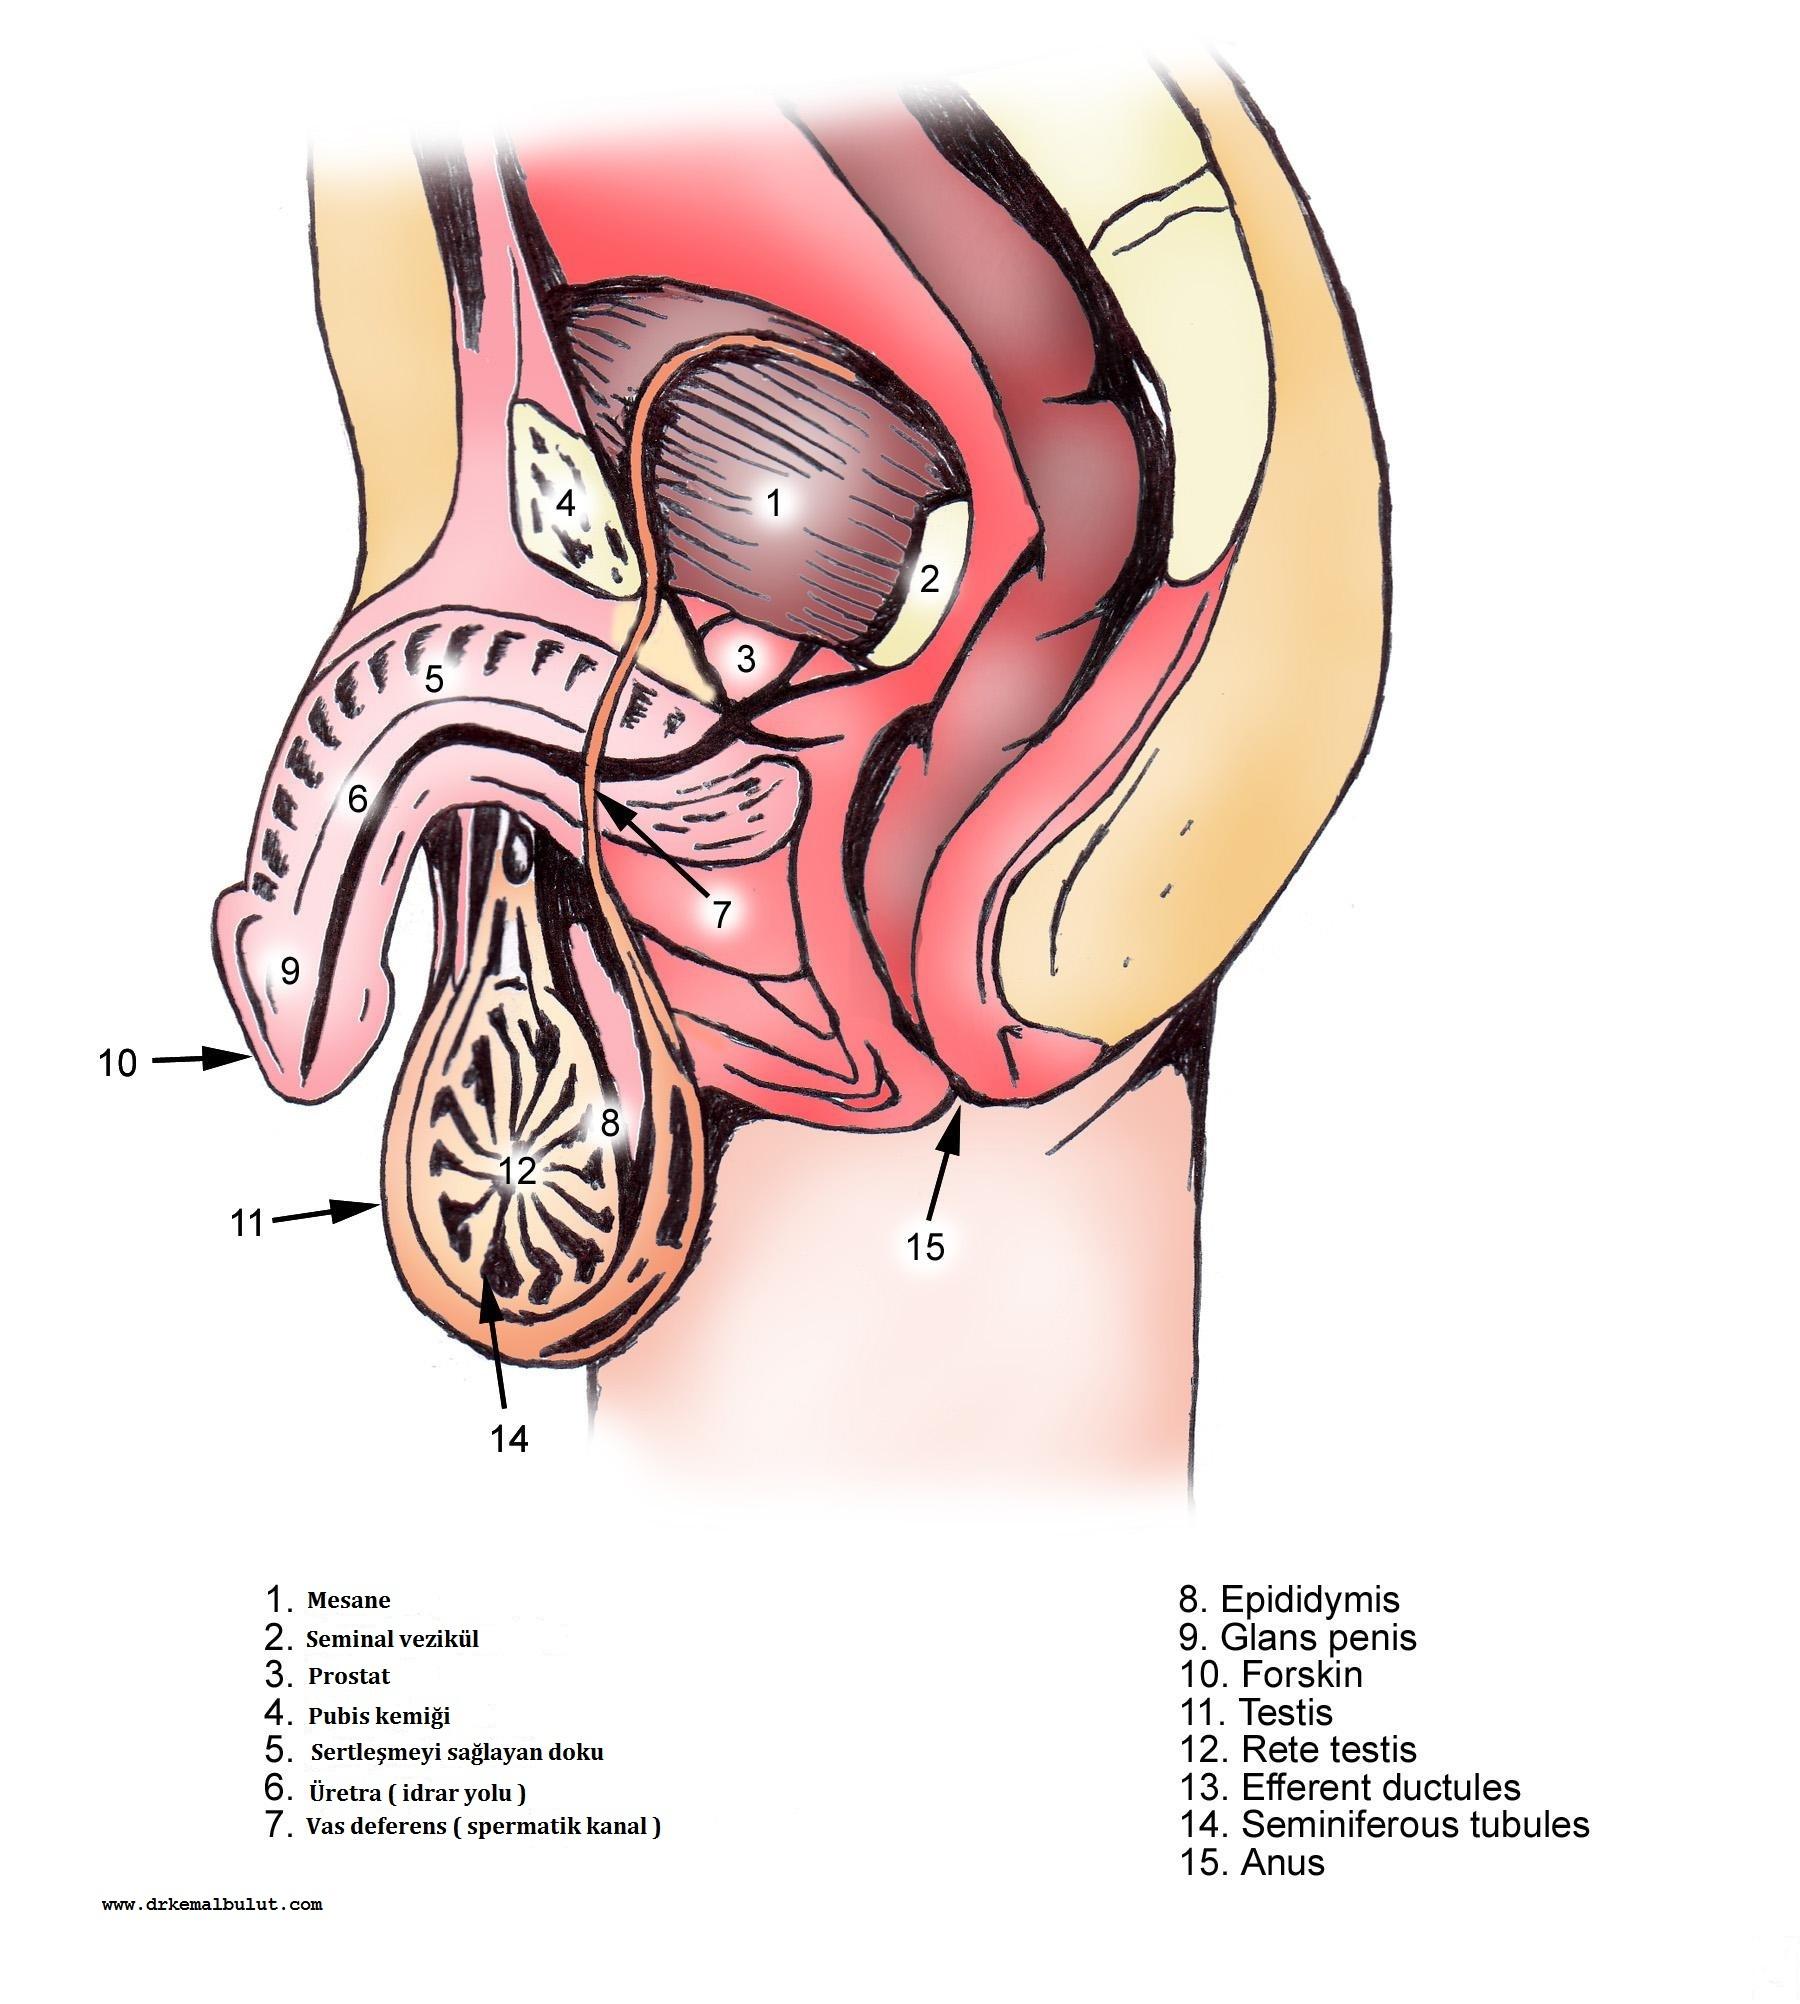 Erkeklerde üreme sistemi anatomisi